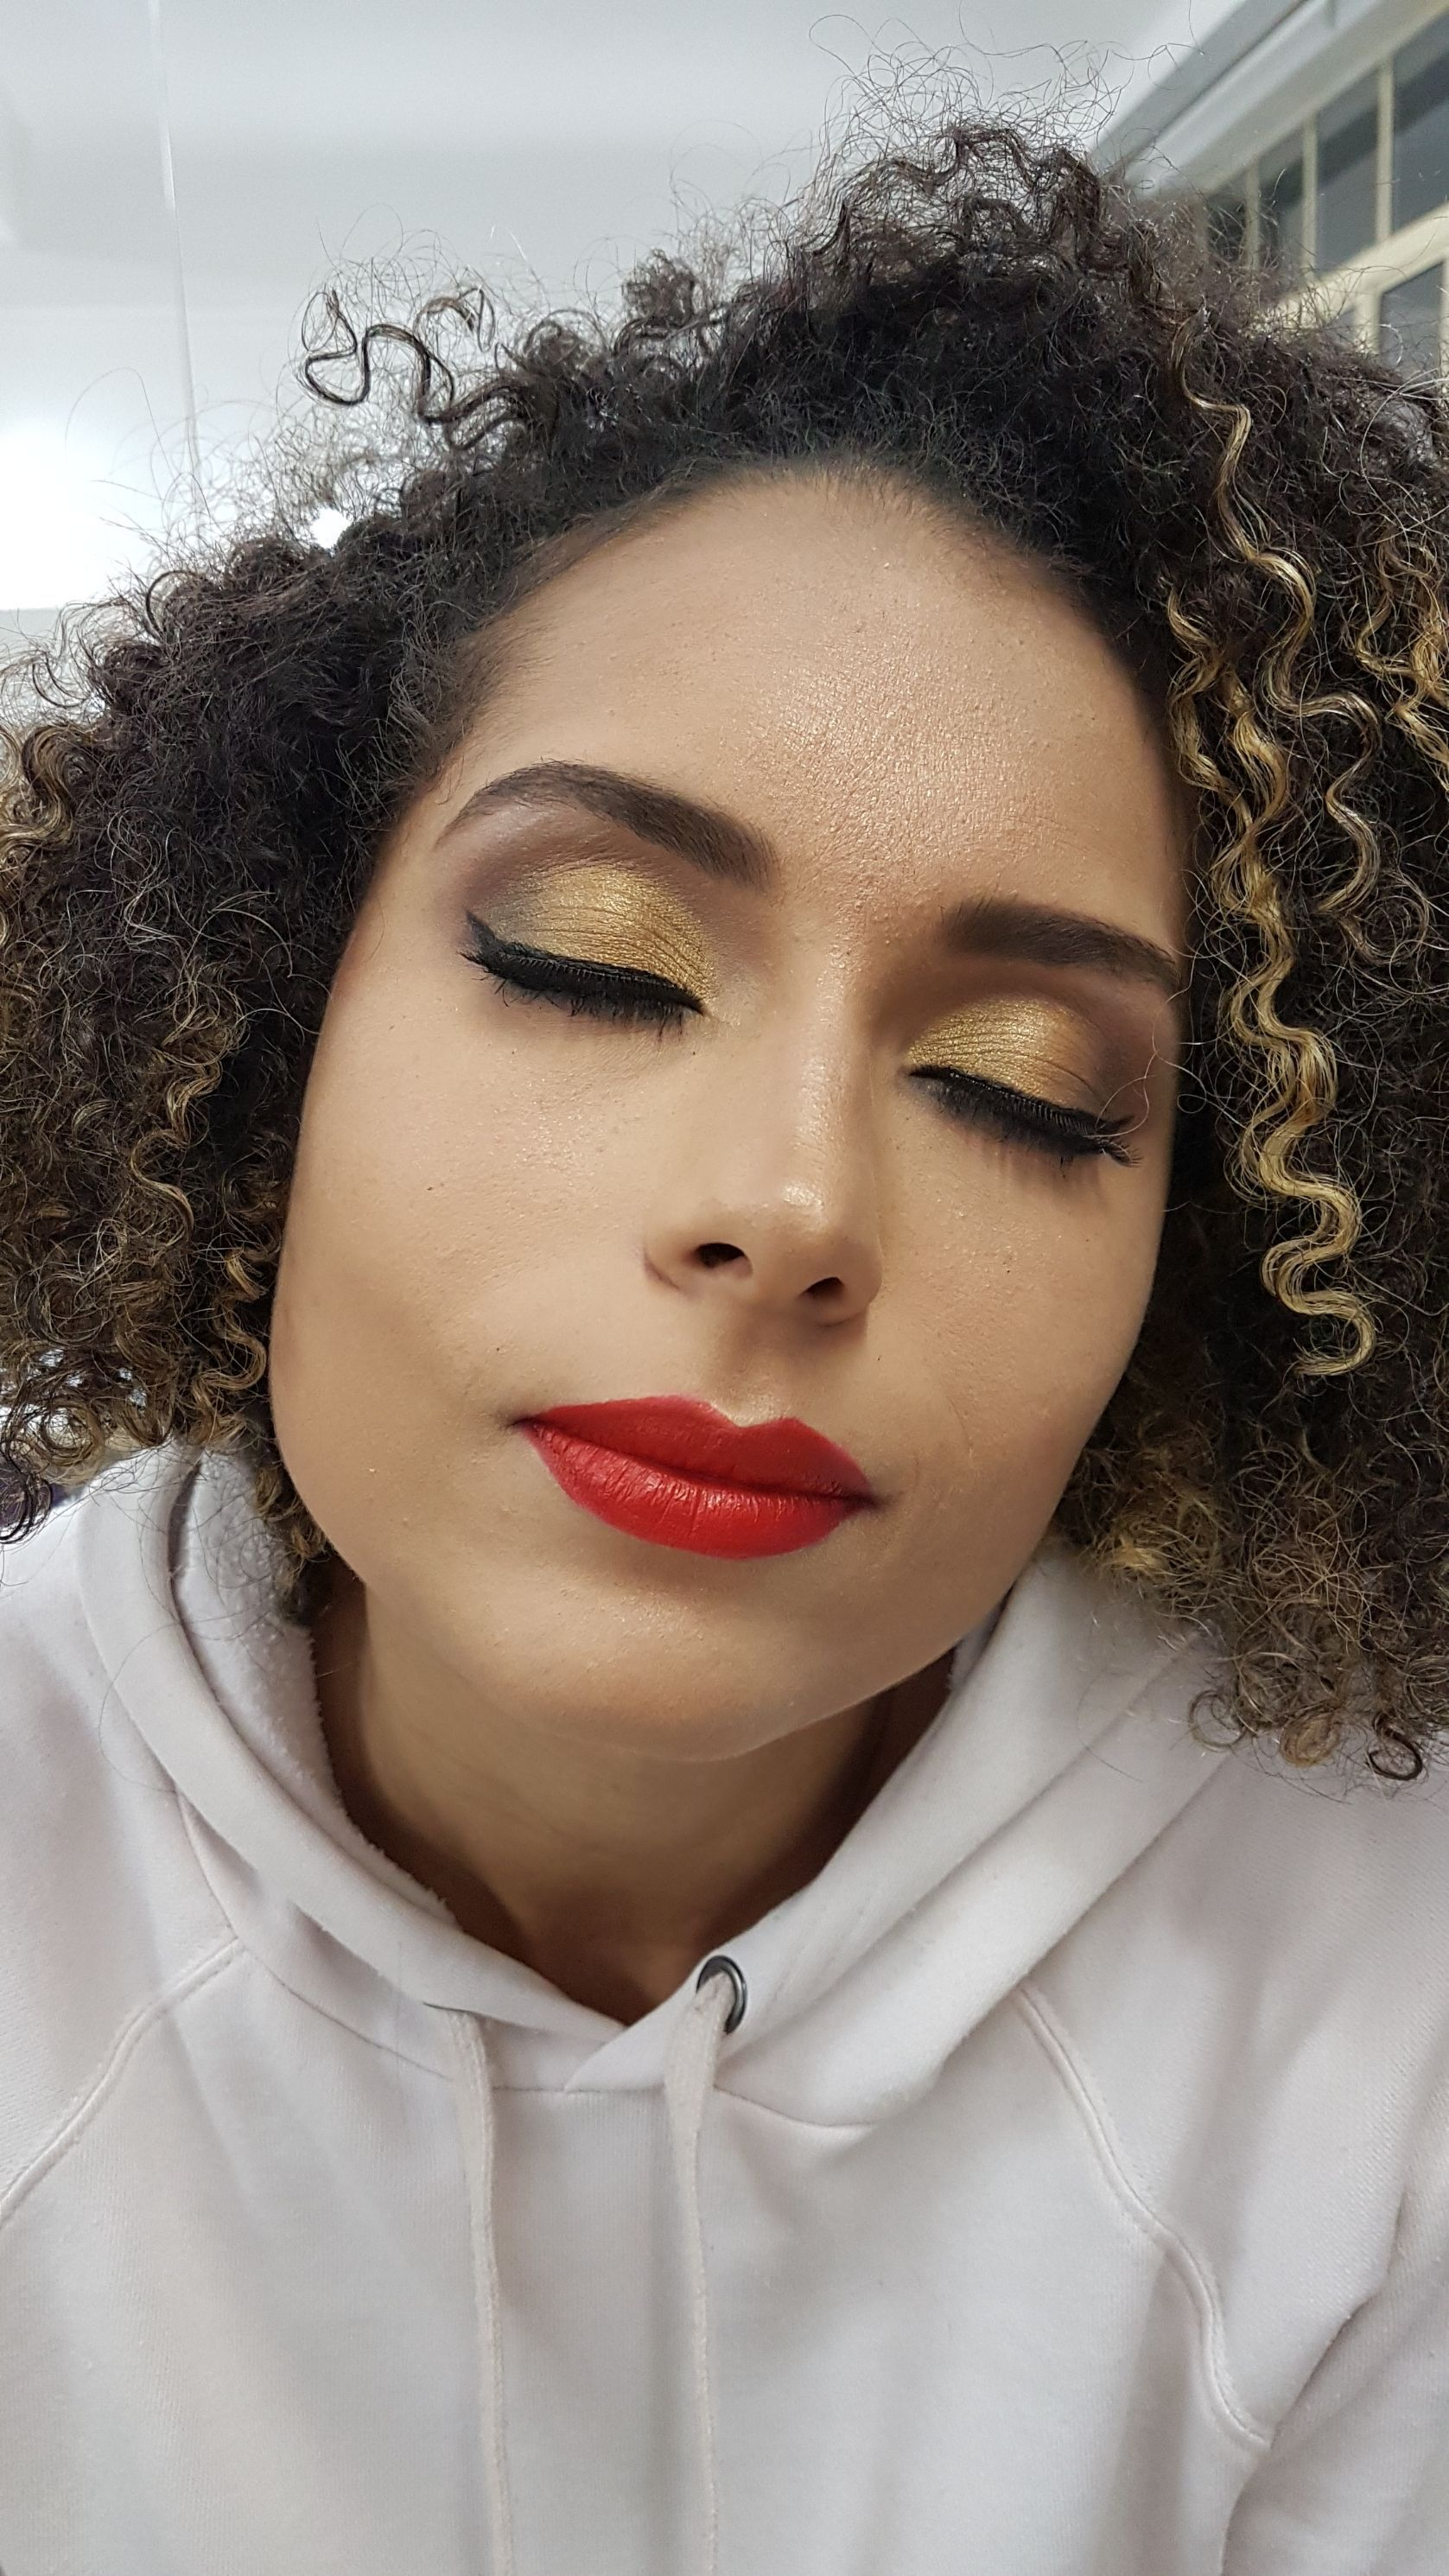 Pele negra, olho esfumado diagonal. maquiagem maquiador(a)